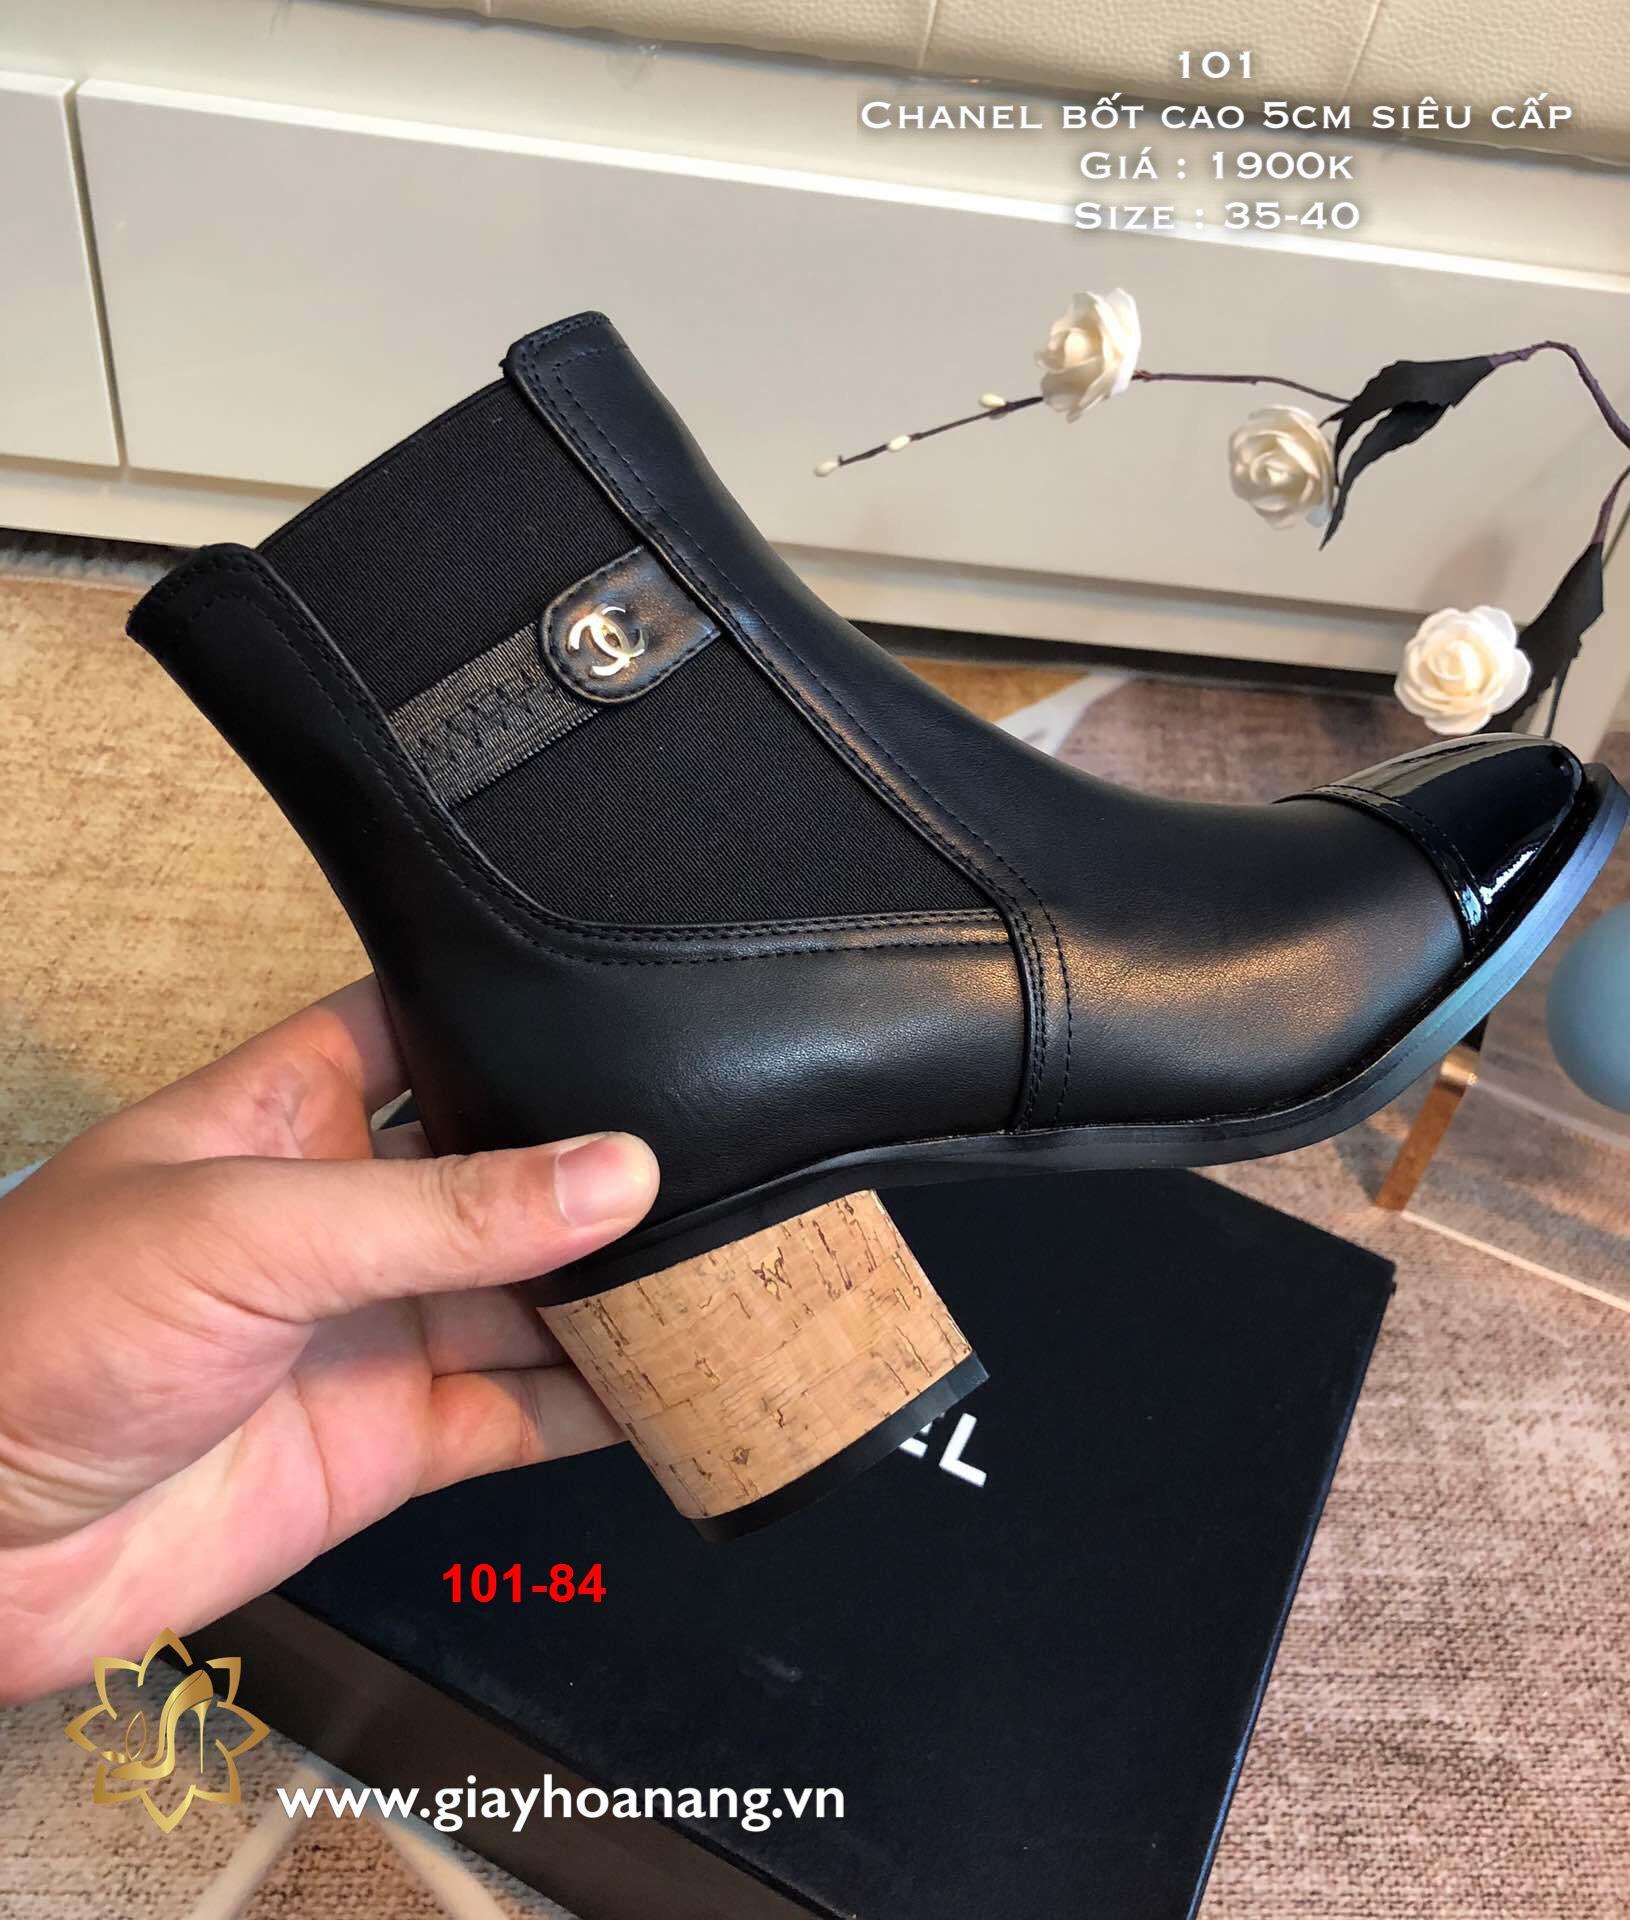 101-84 Chanel bốt cao 5cm siêu cấp